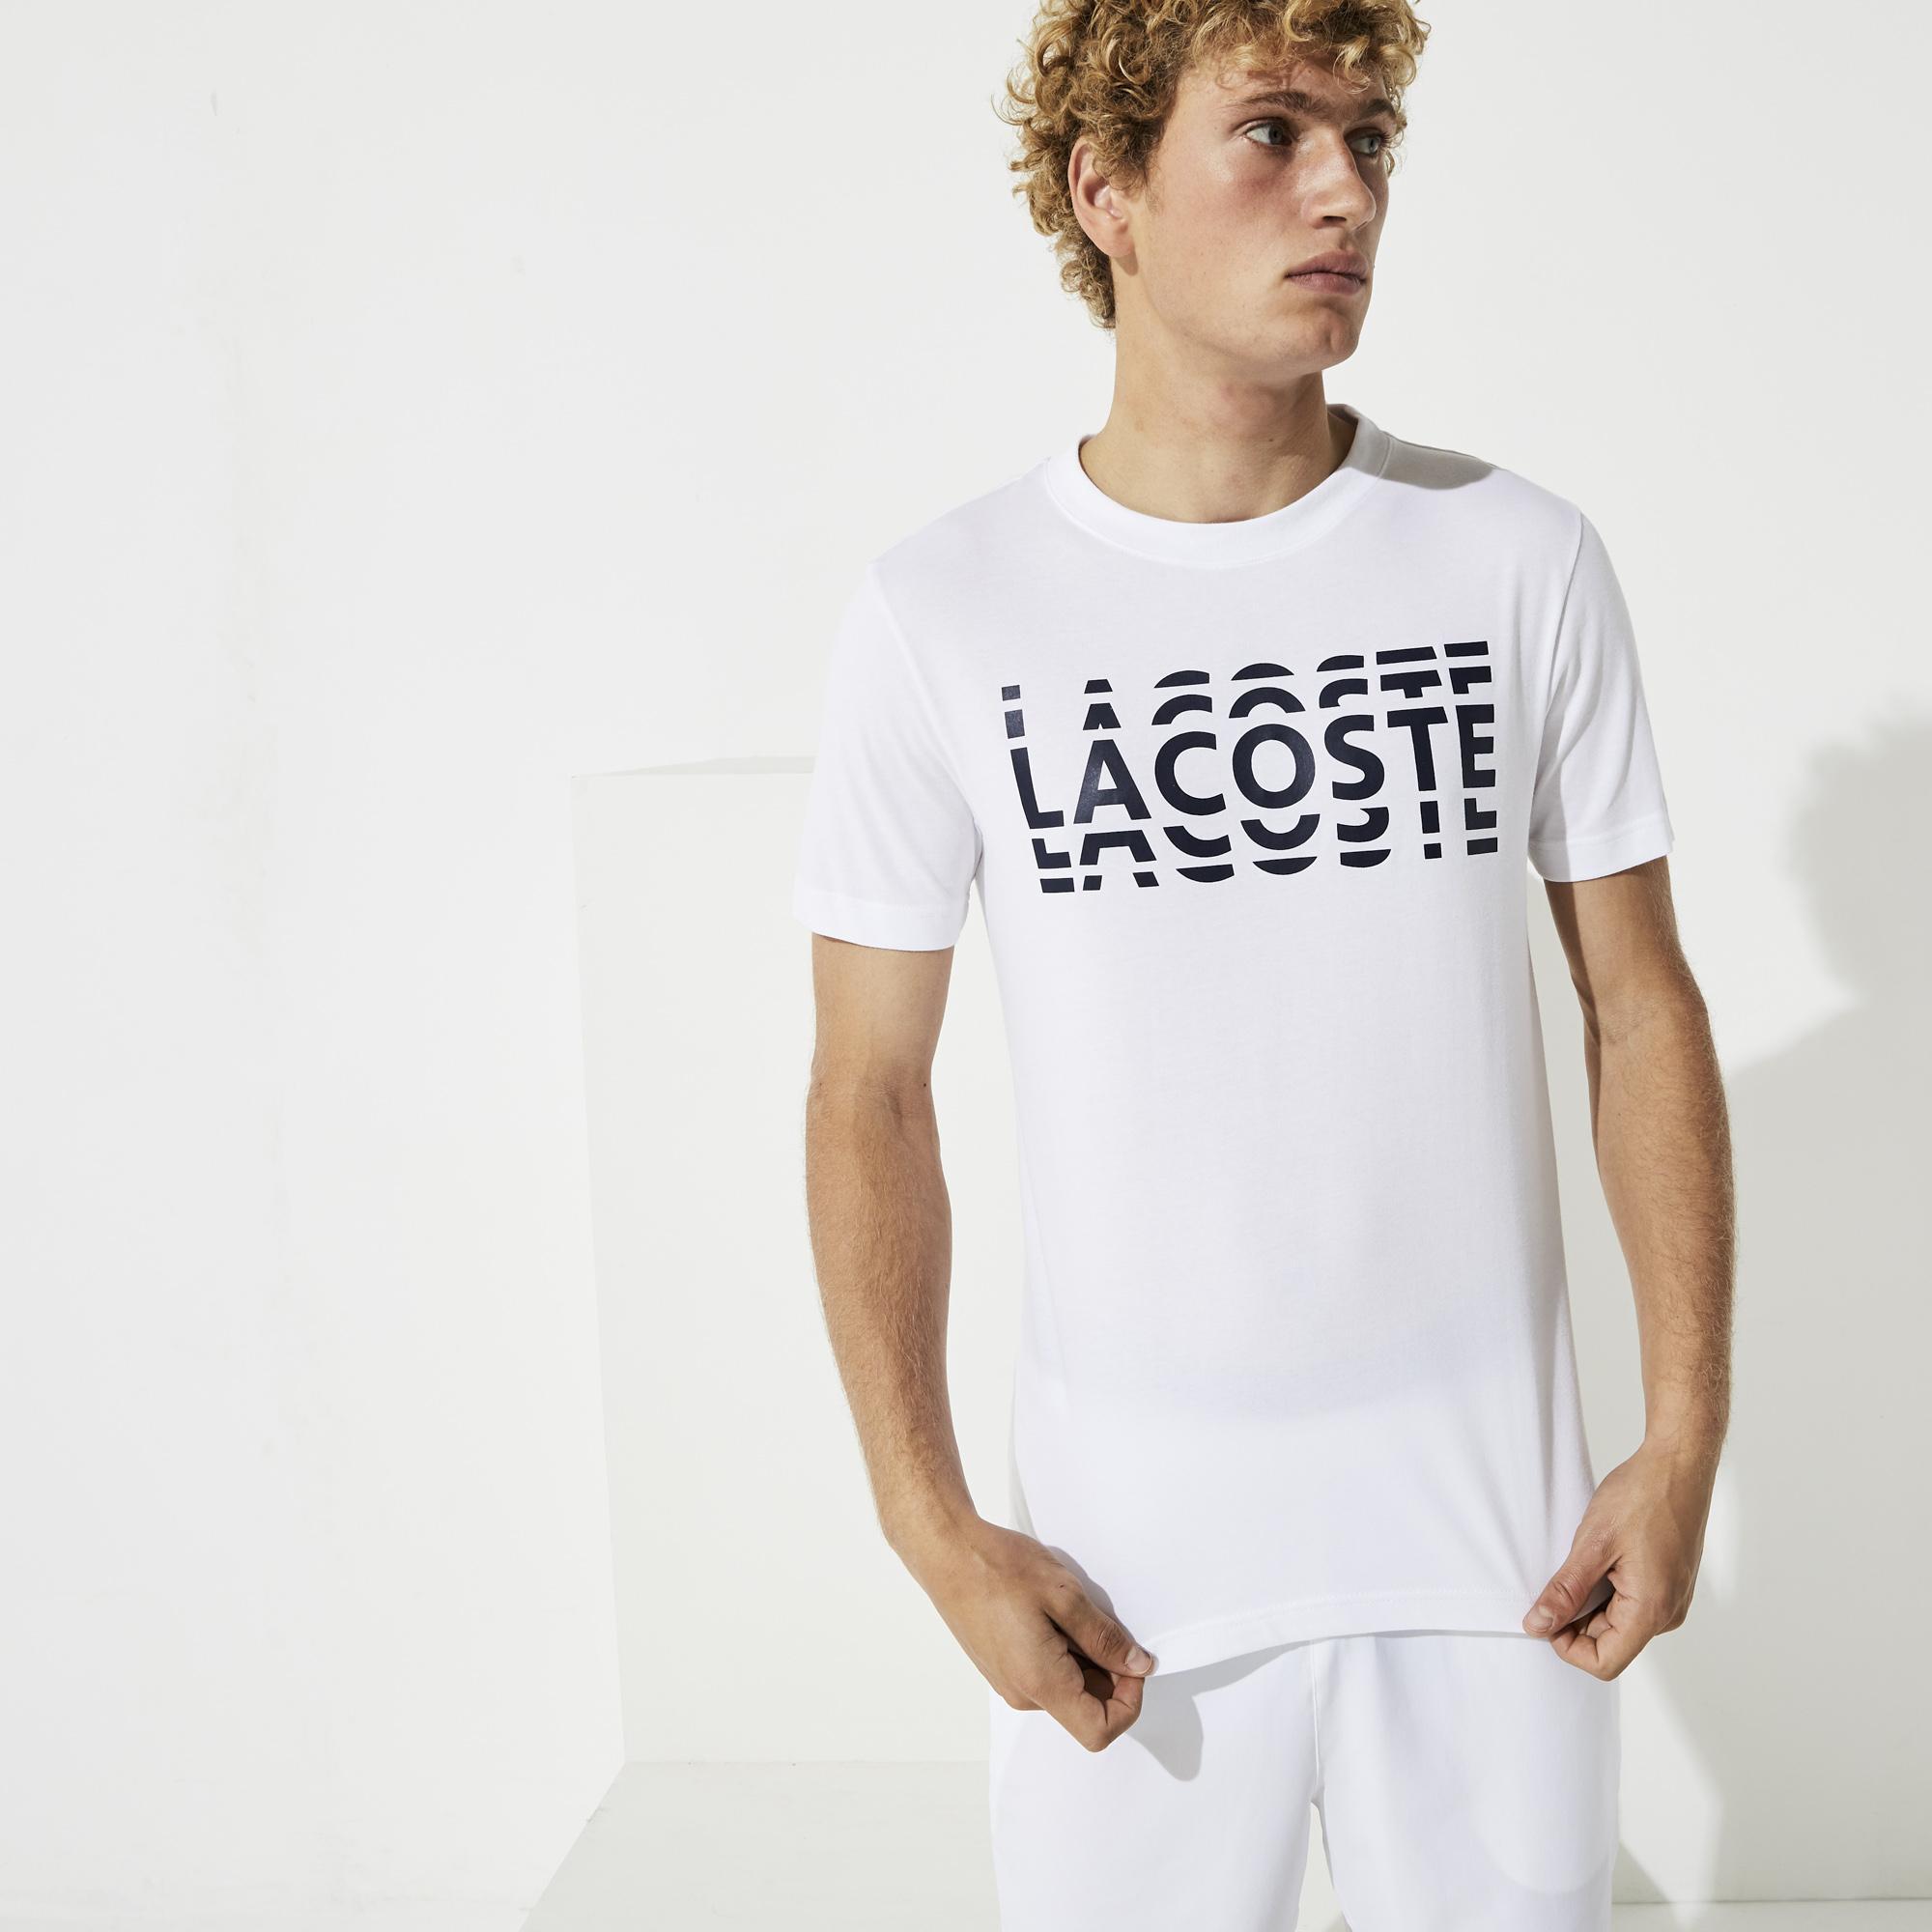 Lacoste Men's Sport Printed Cotton Blend T-Shirt